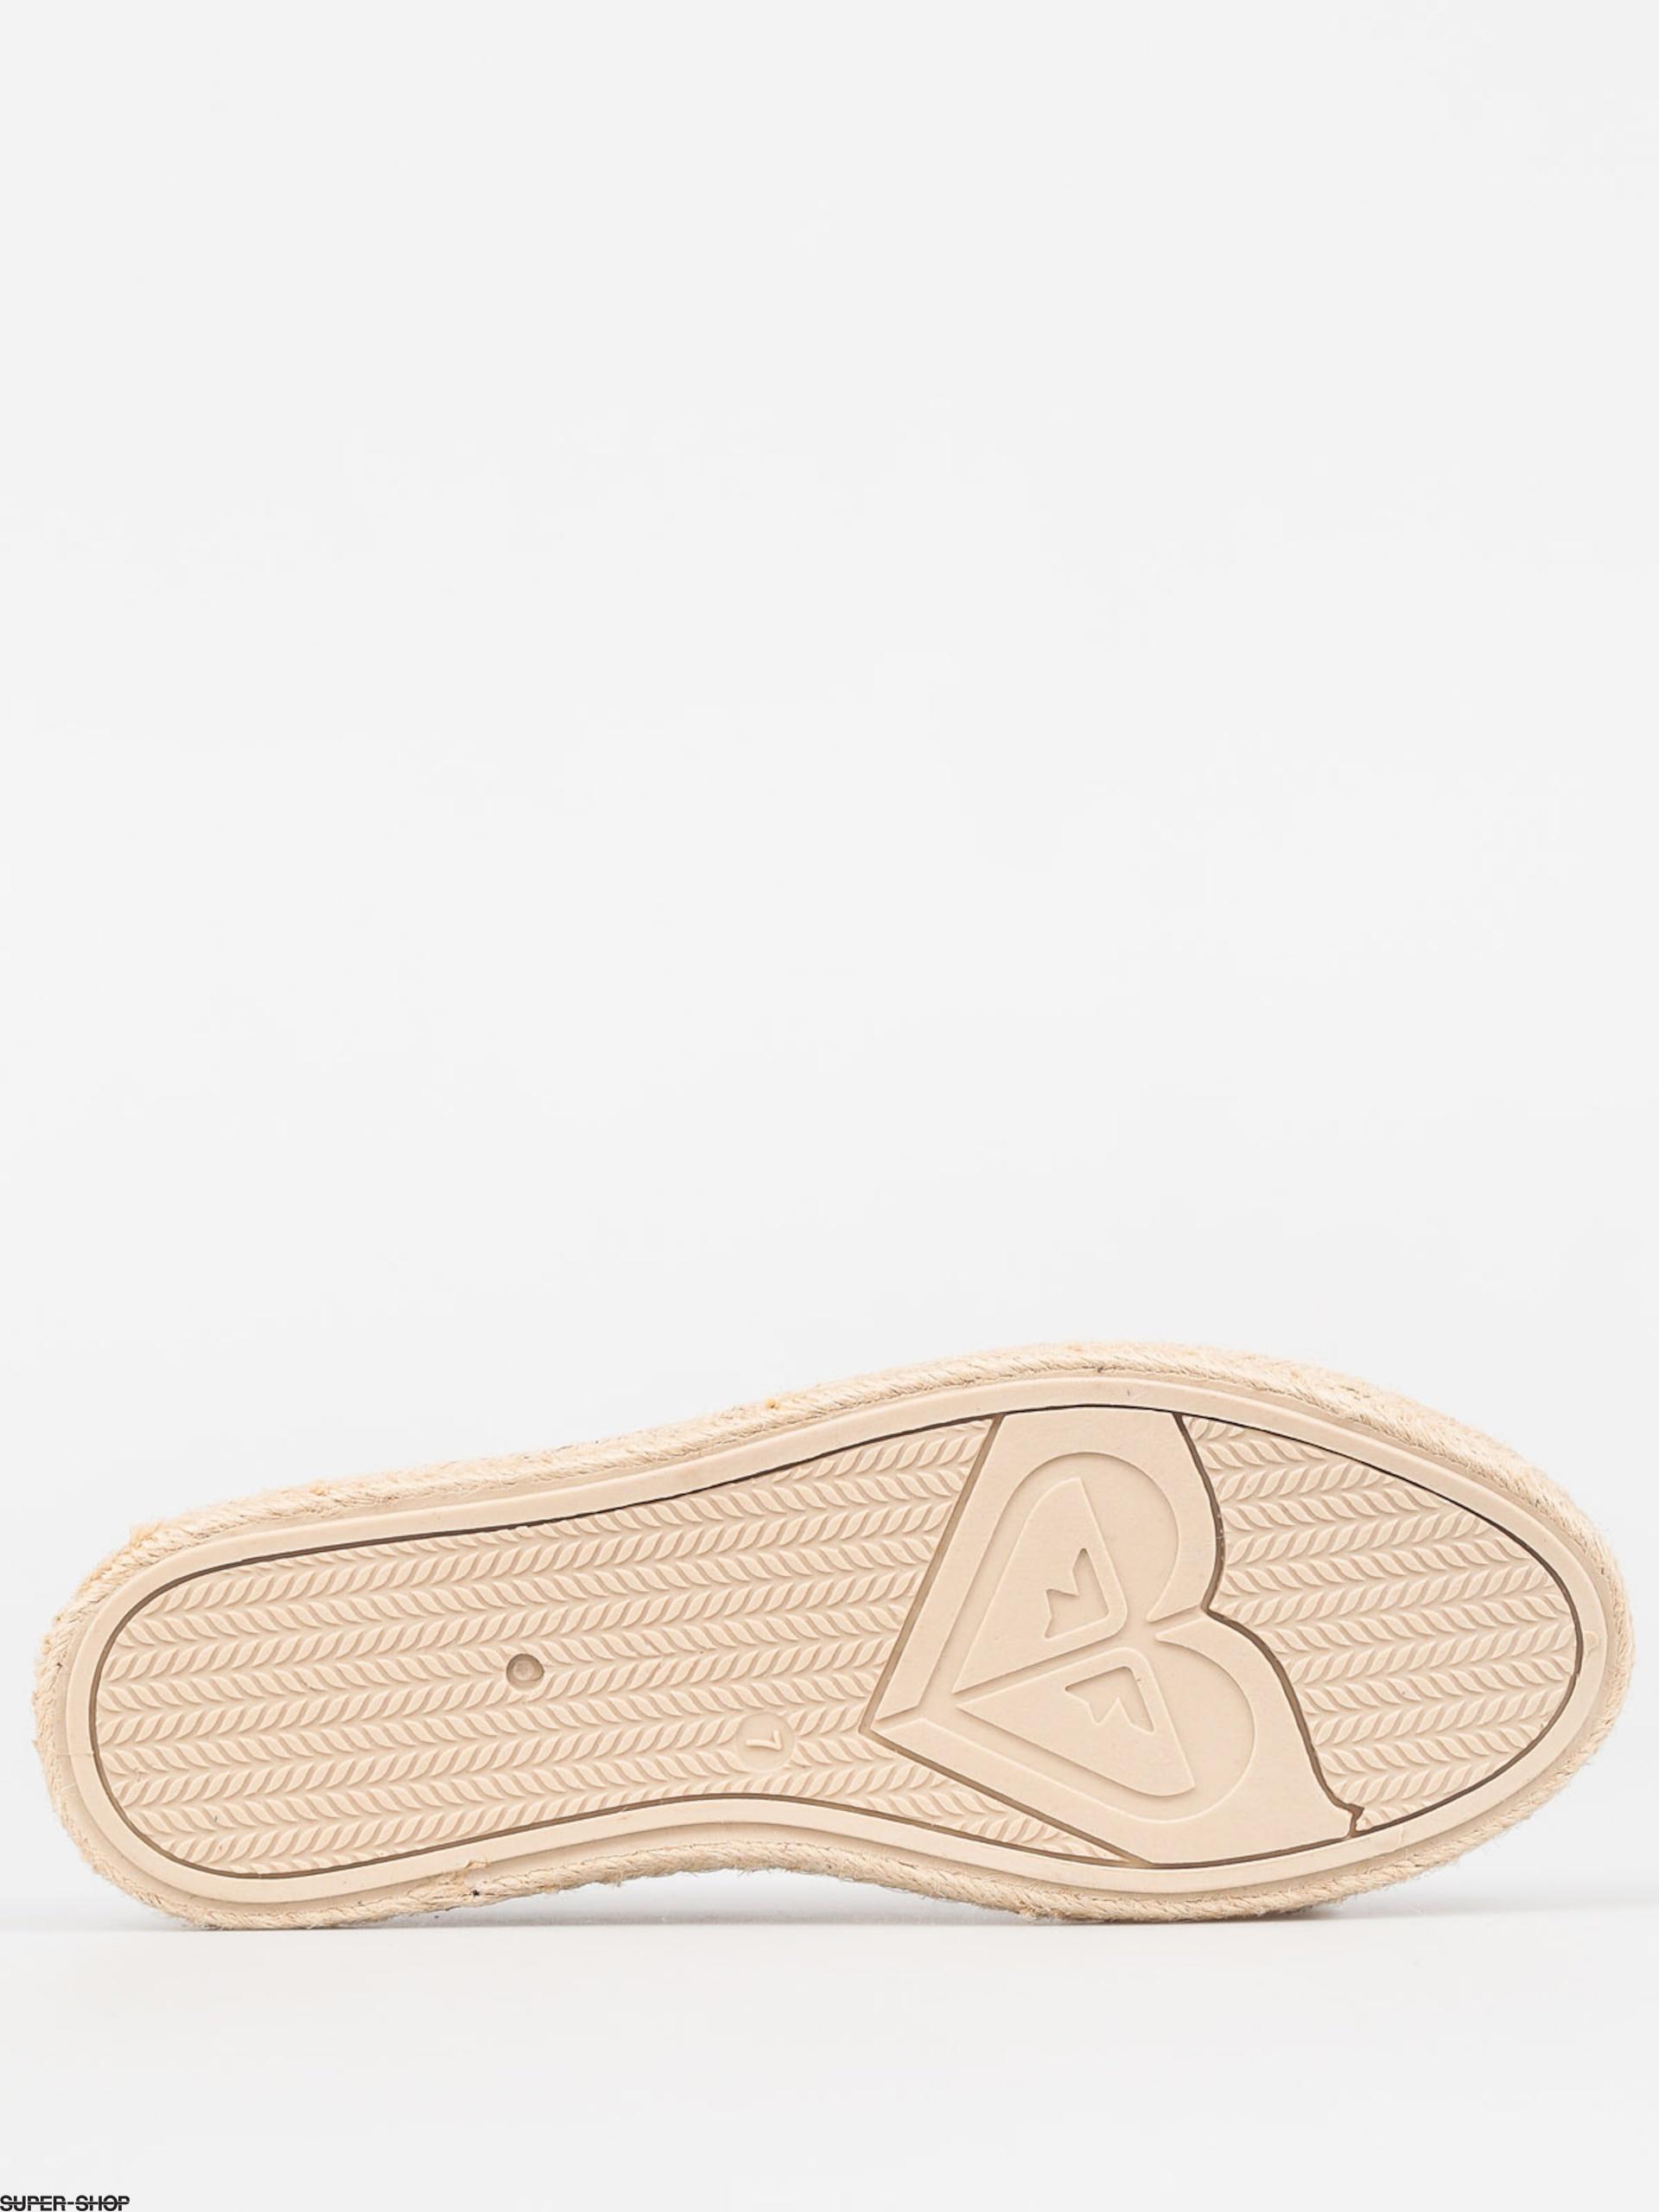 Schuhe Wmn Roxy blacktan Flamenco J PHwnZ7zxq